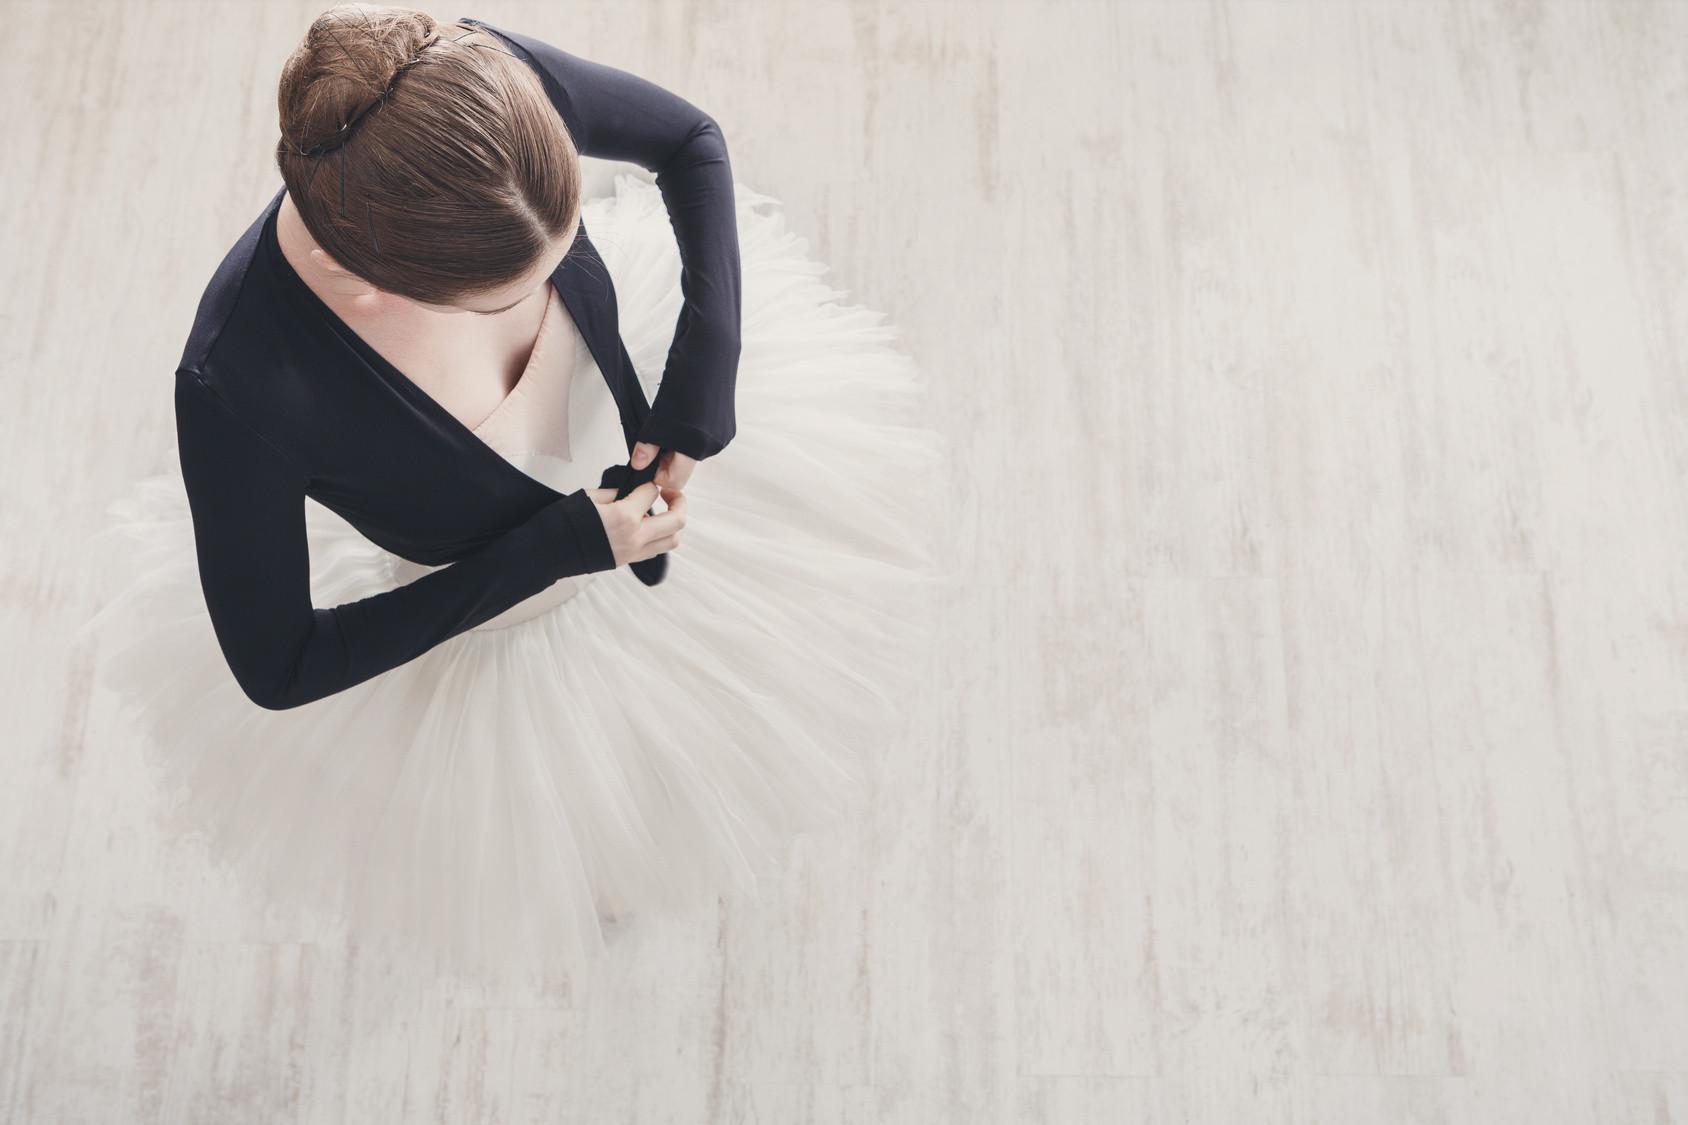 Vêtements d'échauffement pour enfant  - Articles de danse classique